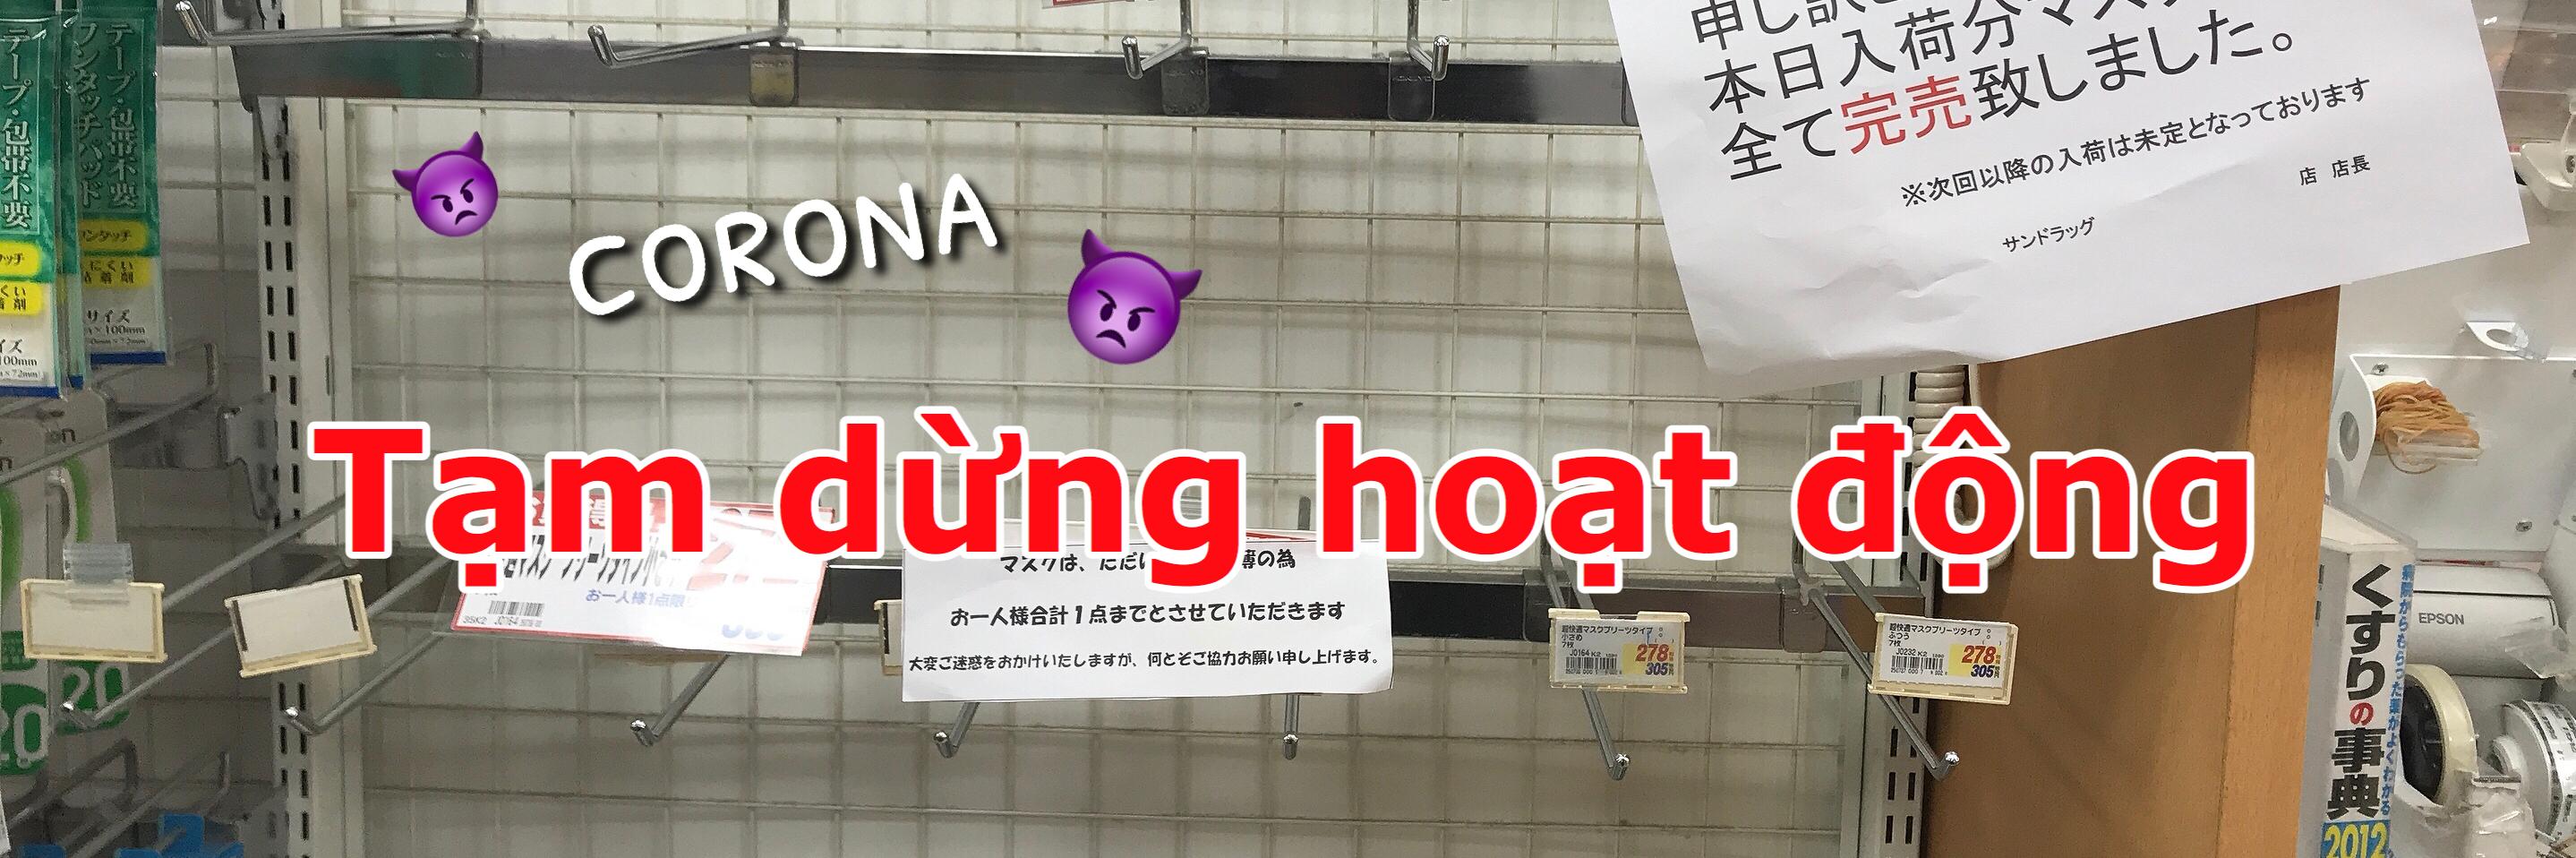 https://gody.vn/blog/165732757665598/post/tam-dung-hoat-dong-cua-trung-tam-giai-tri-o-osaka-6440